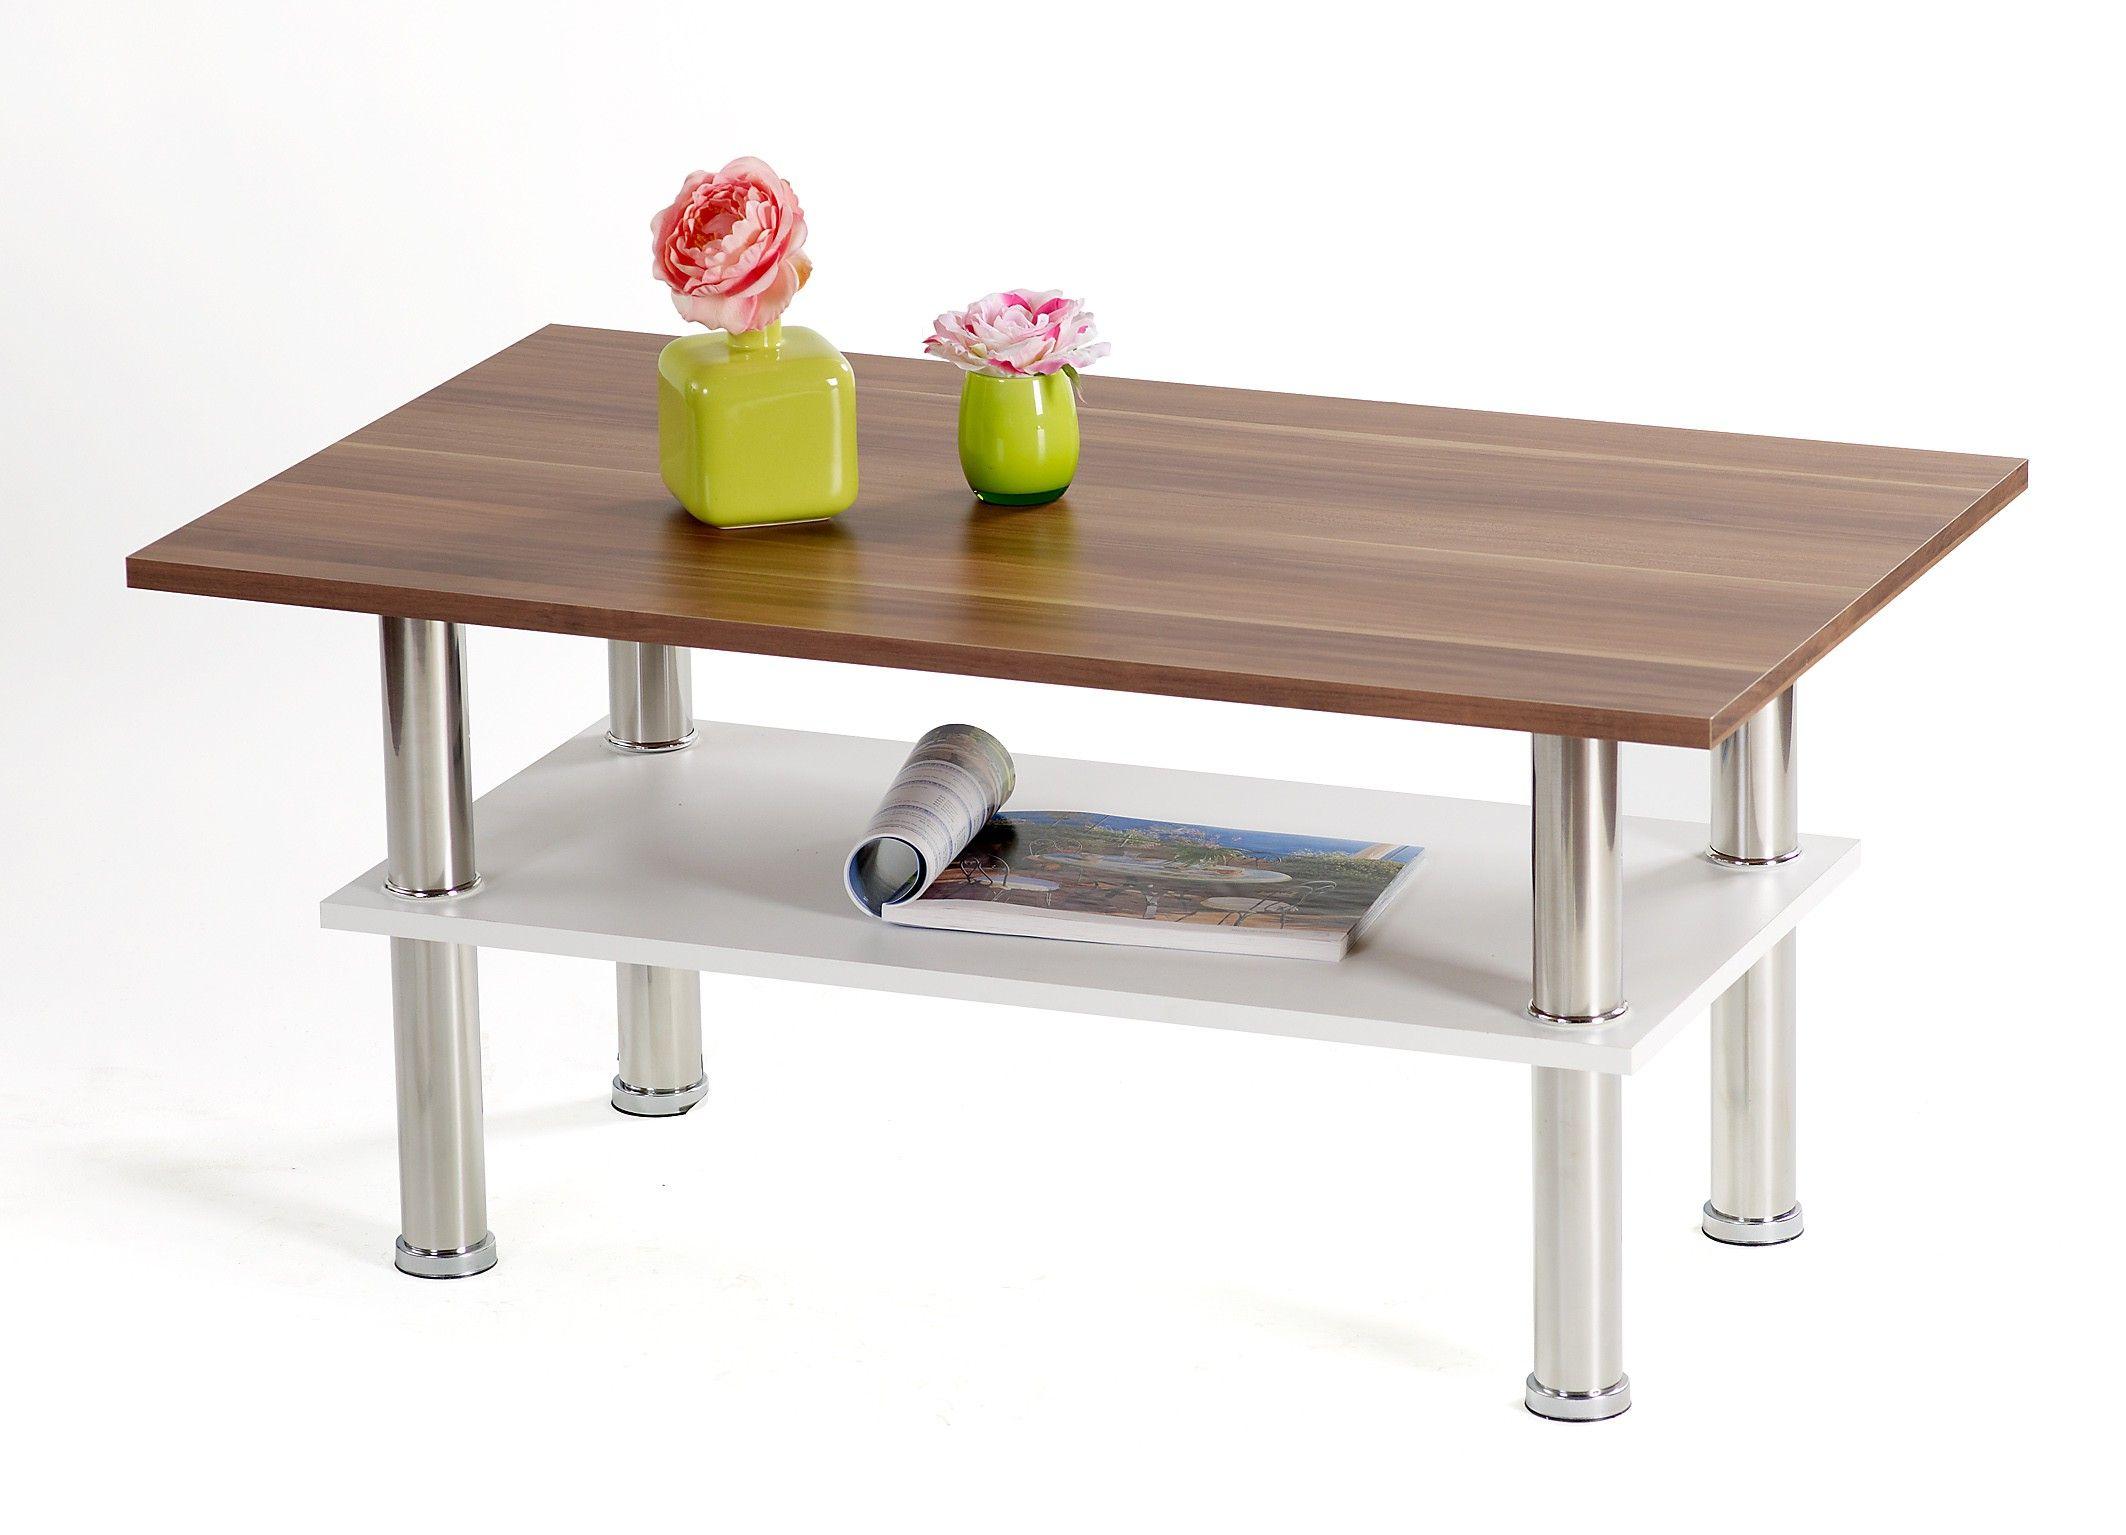 60 roller couchtisch contra roller couchtisch. Black Bedroom Furniture Sets. Home Design Ideas